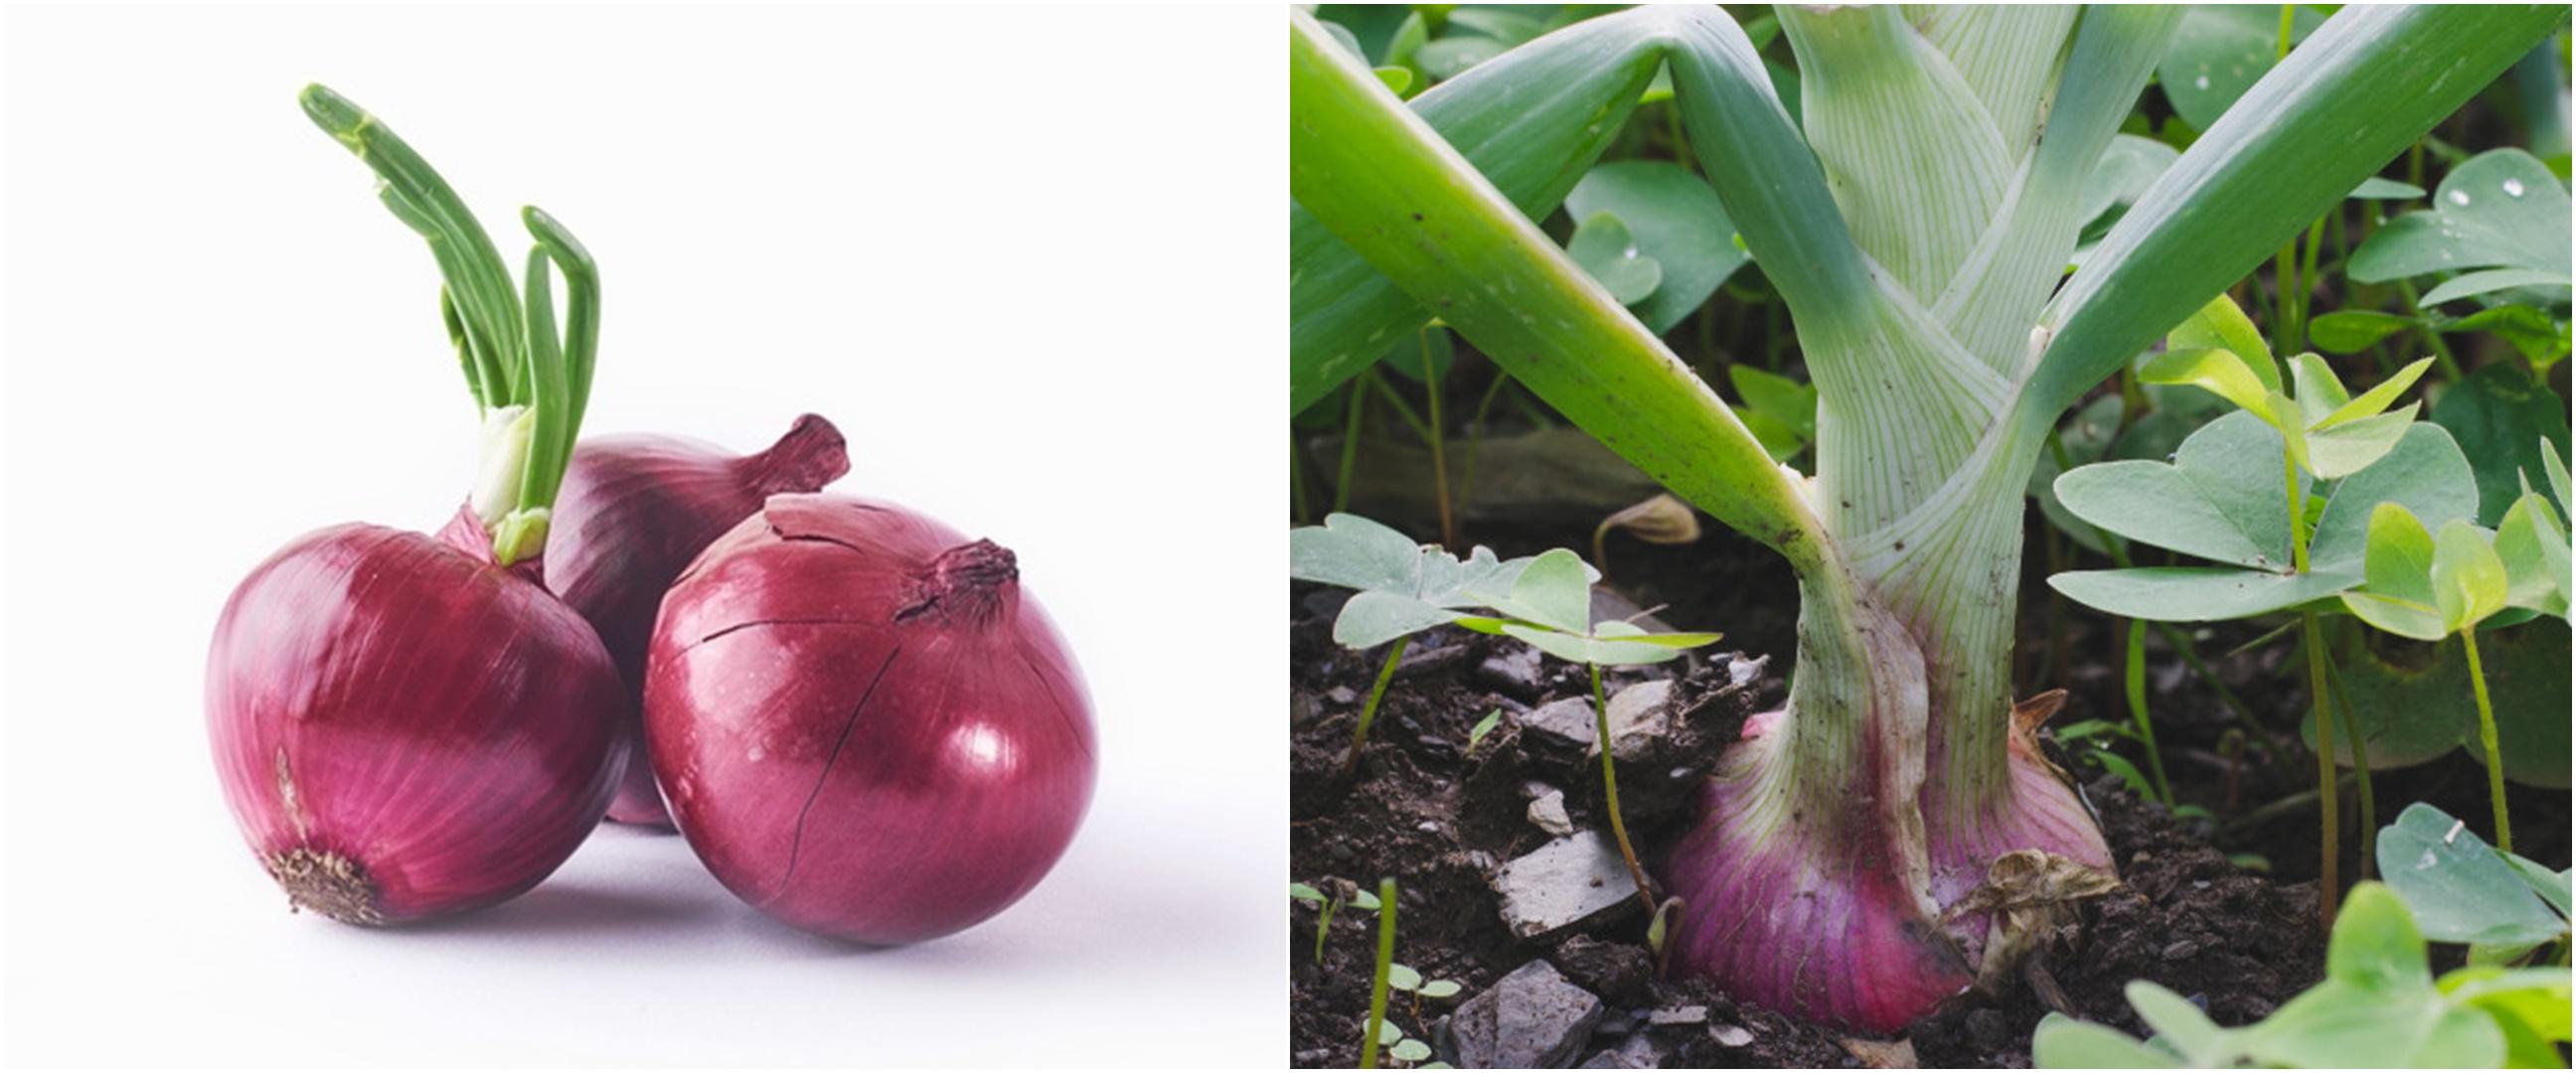 7 Cara menanam bawang merah di rumah, mudah dan cepat tumbuh